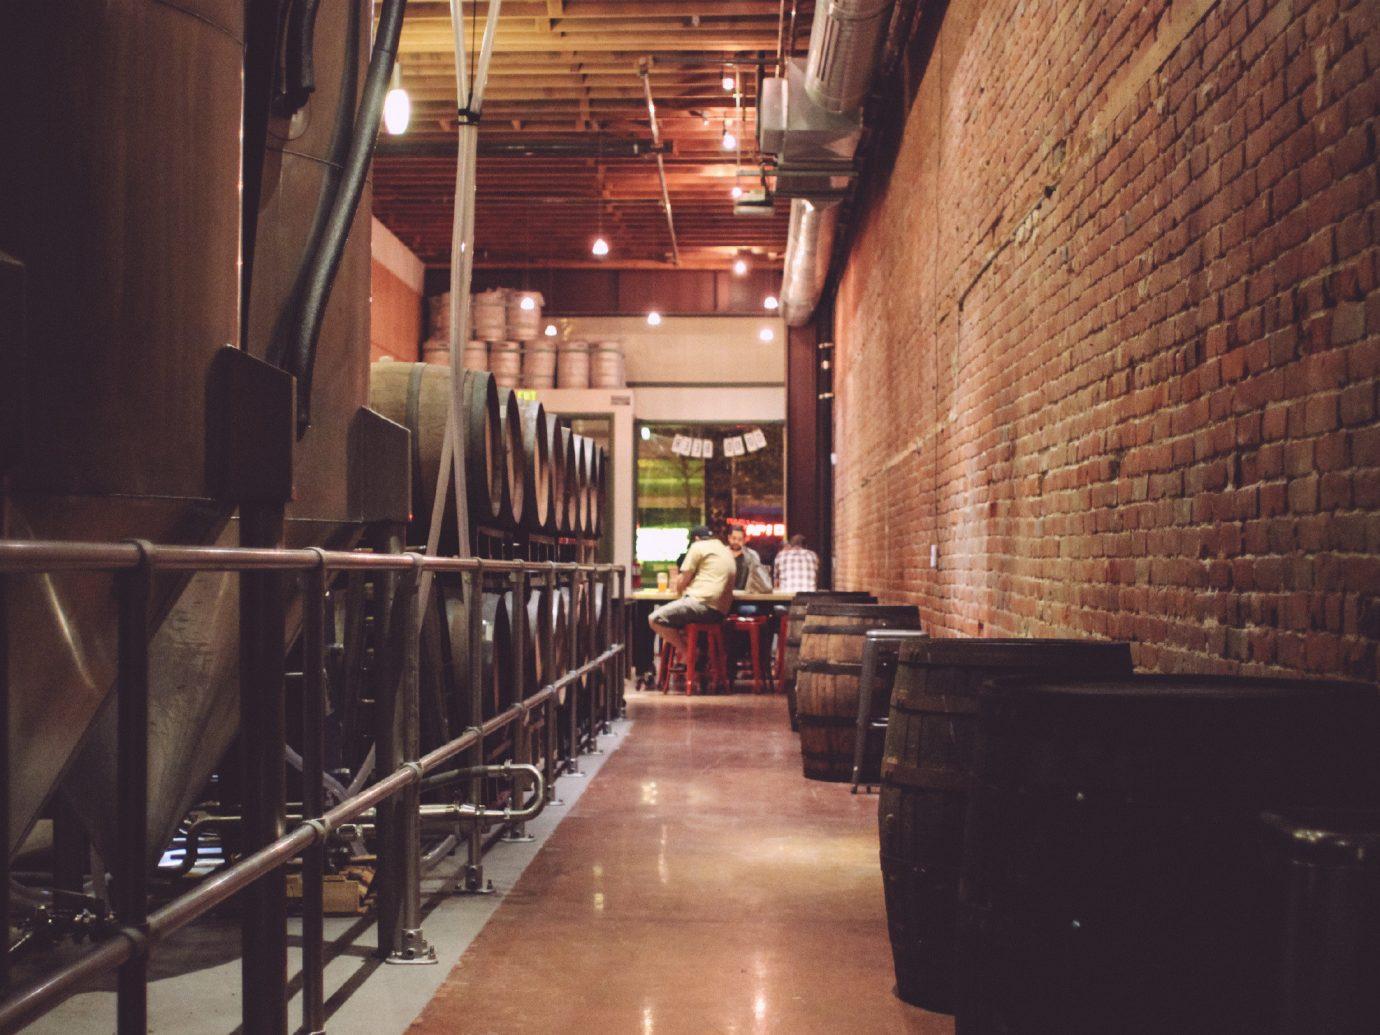 Trip Ideas indoor building wood alley lighting interior design basement